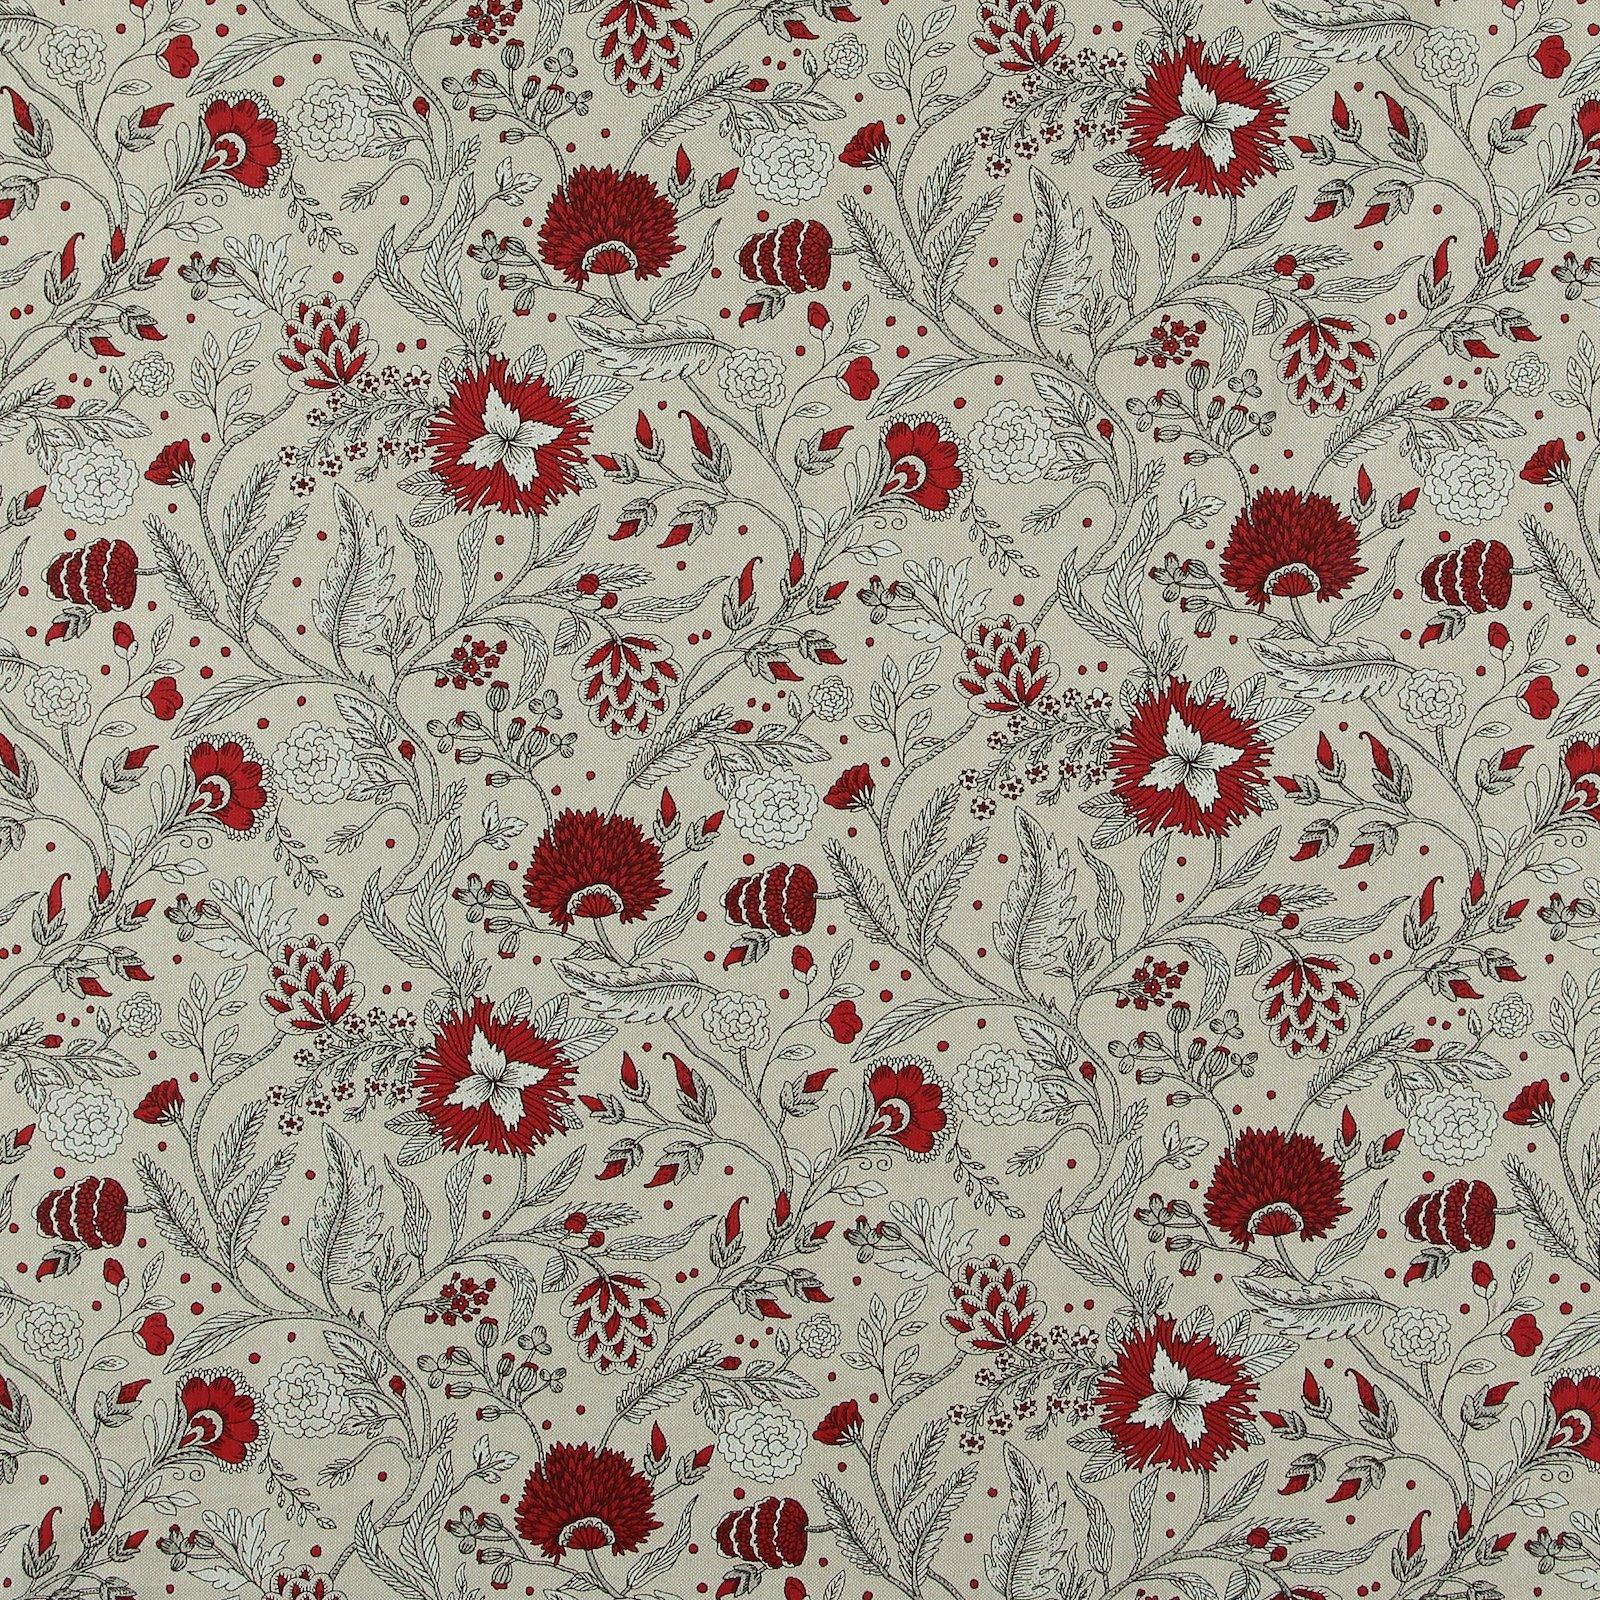 Leinenlook mit roten und weißen Blumen 760299_pack_sp